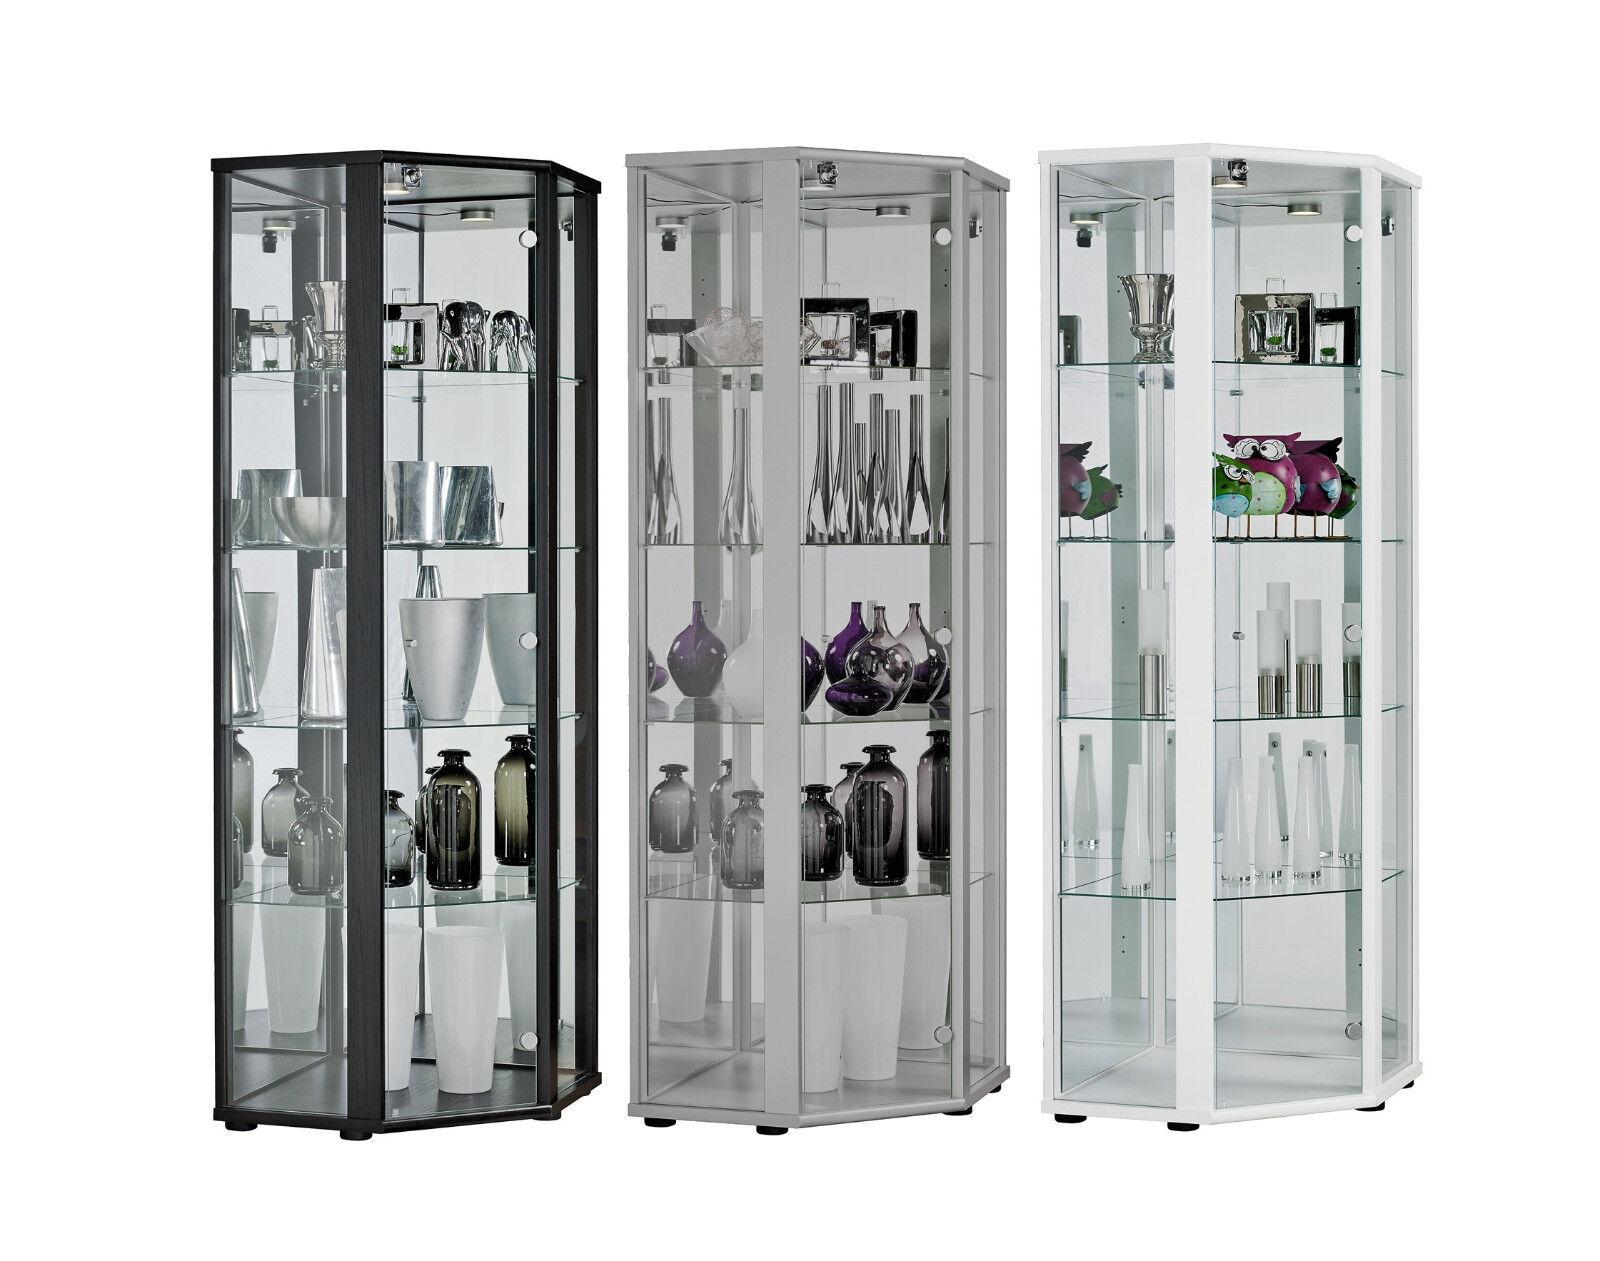 sammlervitrinen mehr als 100 angebote fotos preise. Black Bedroom Furniture Sets. Home Design Ideas